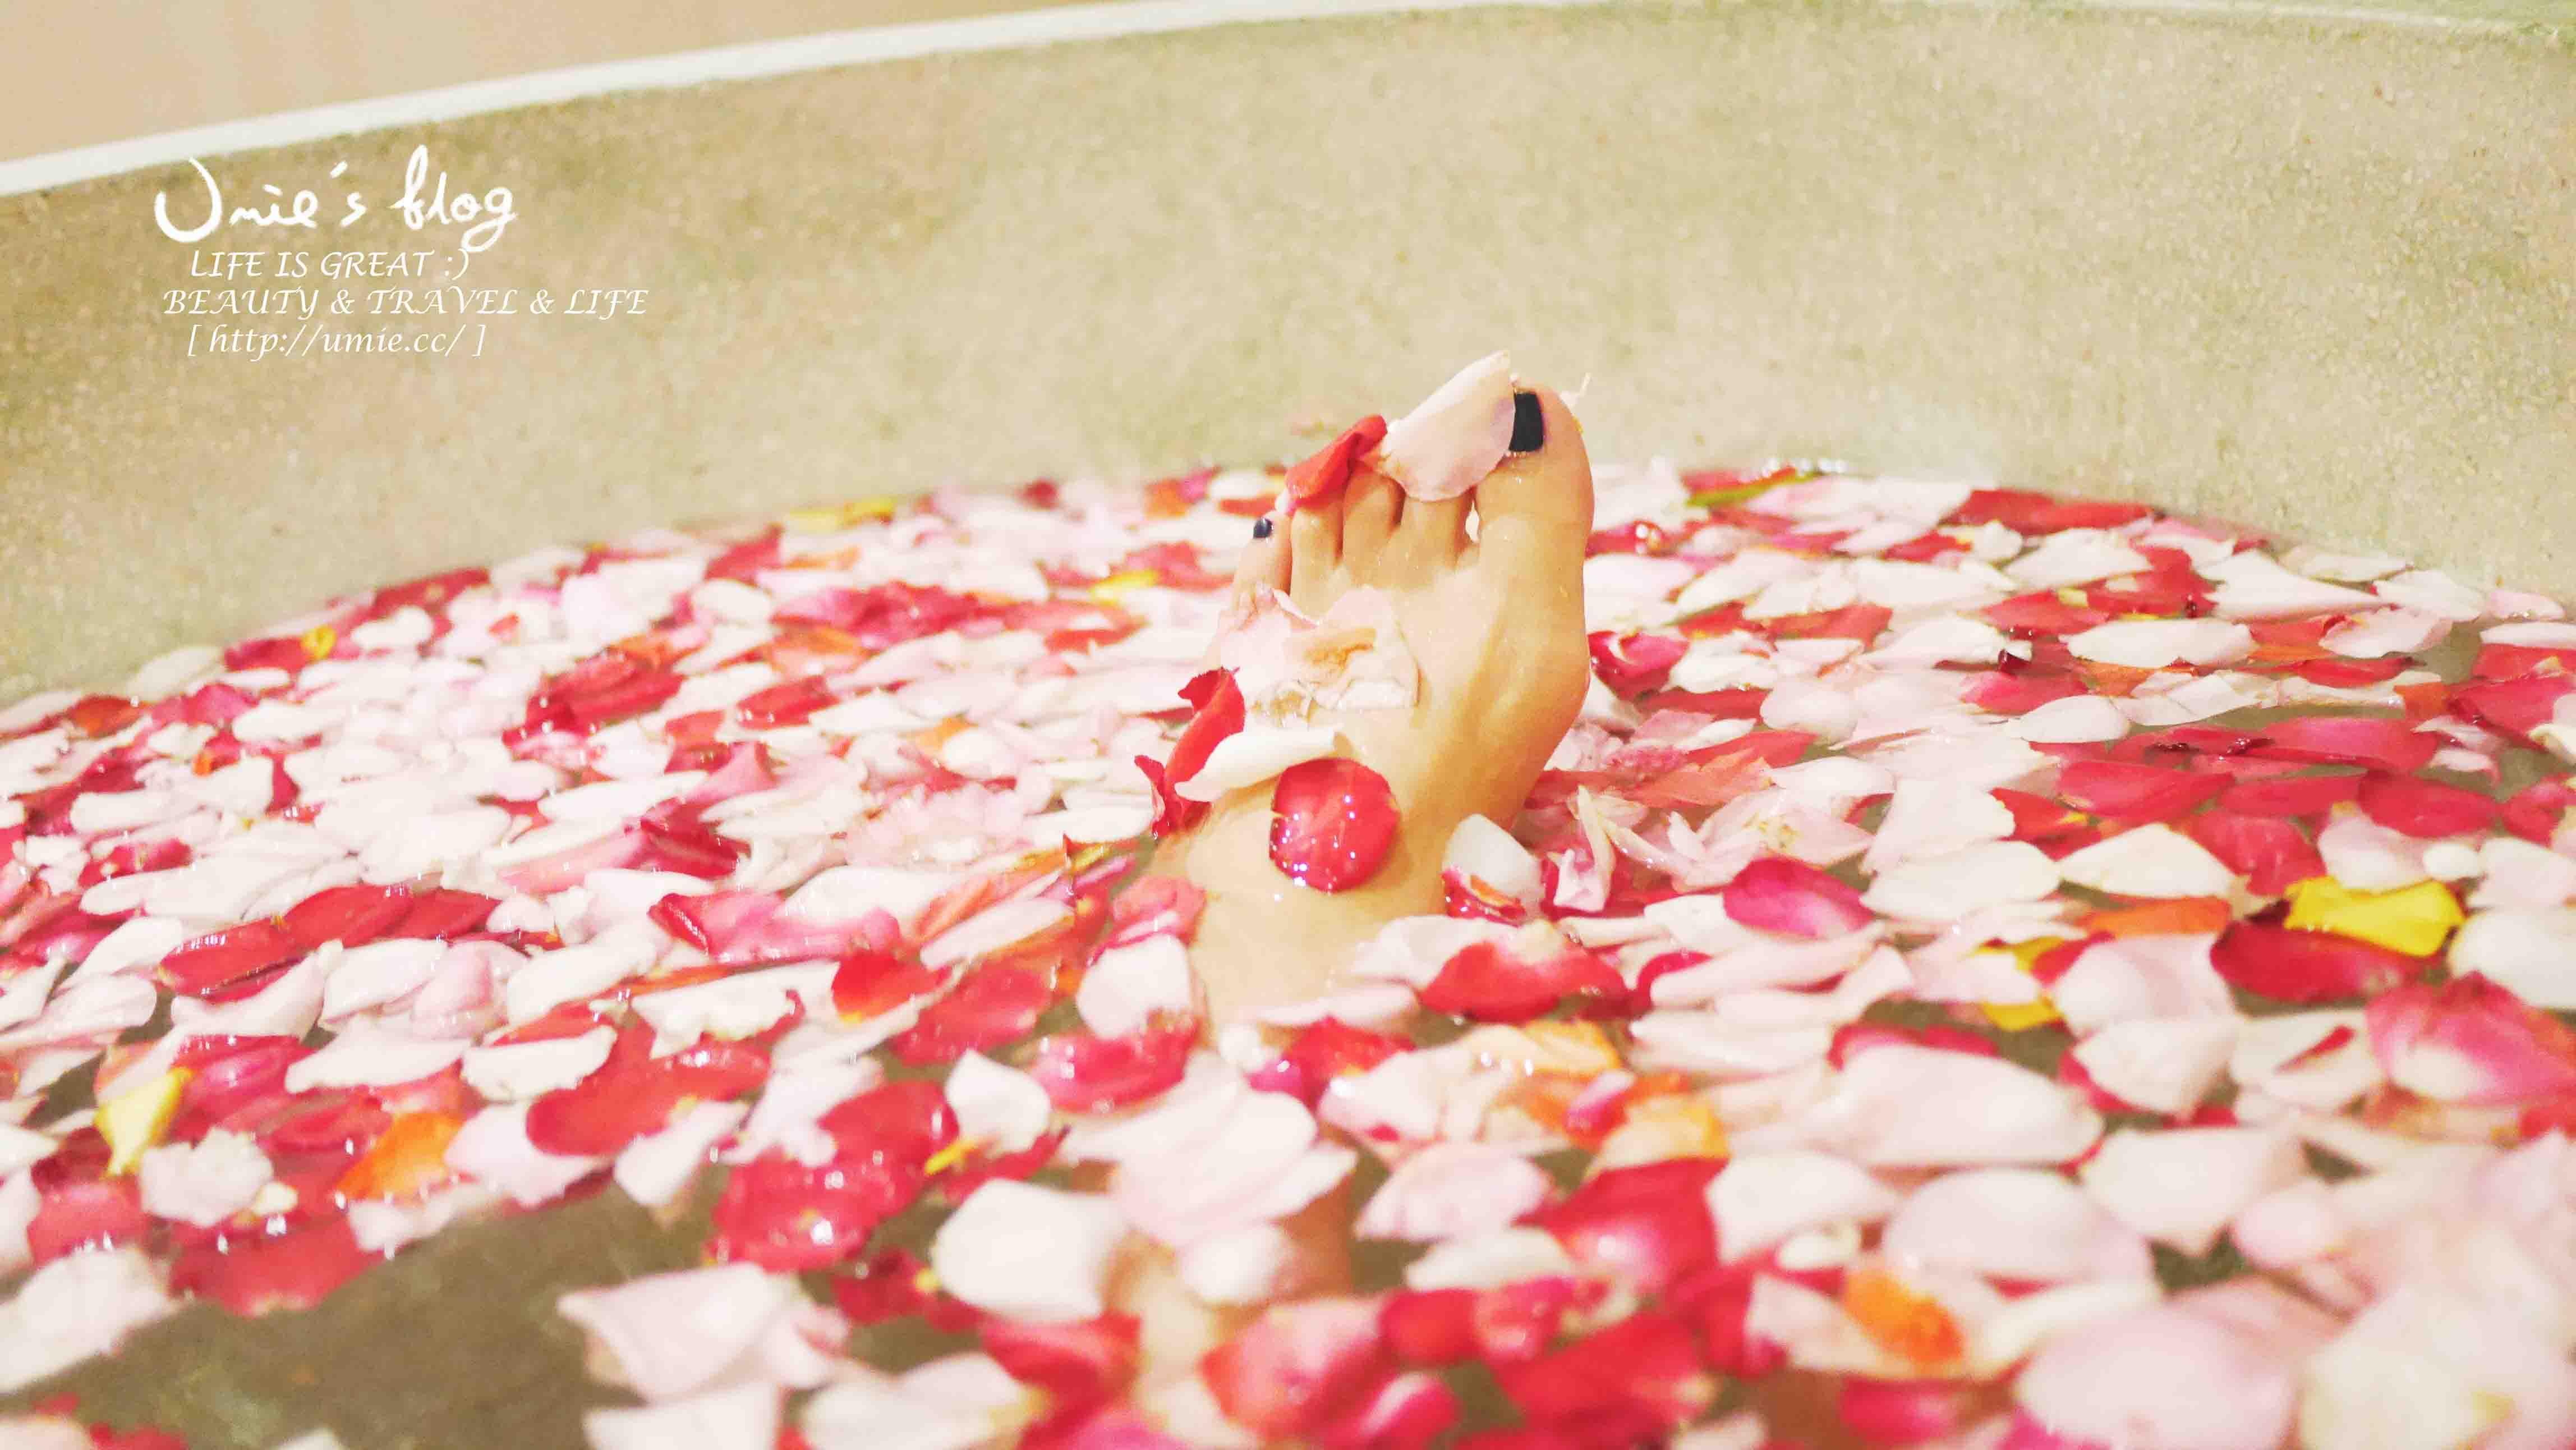 (巴里島)峇里島藍夢島行程景點推薦| 閨蜜島嶼渡假 8天行程總覽!按摩SPA,必吃美食海景餐廳,超美飯店住宿!